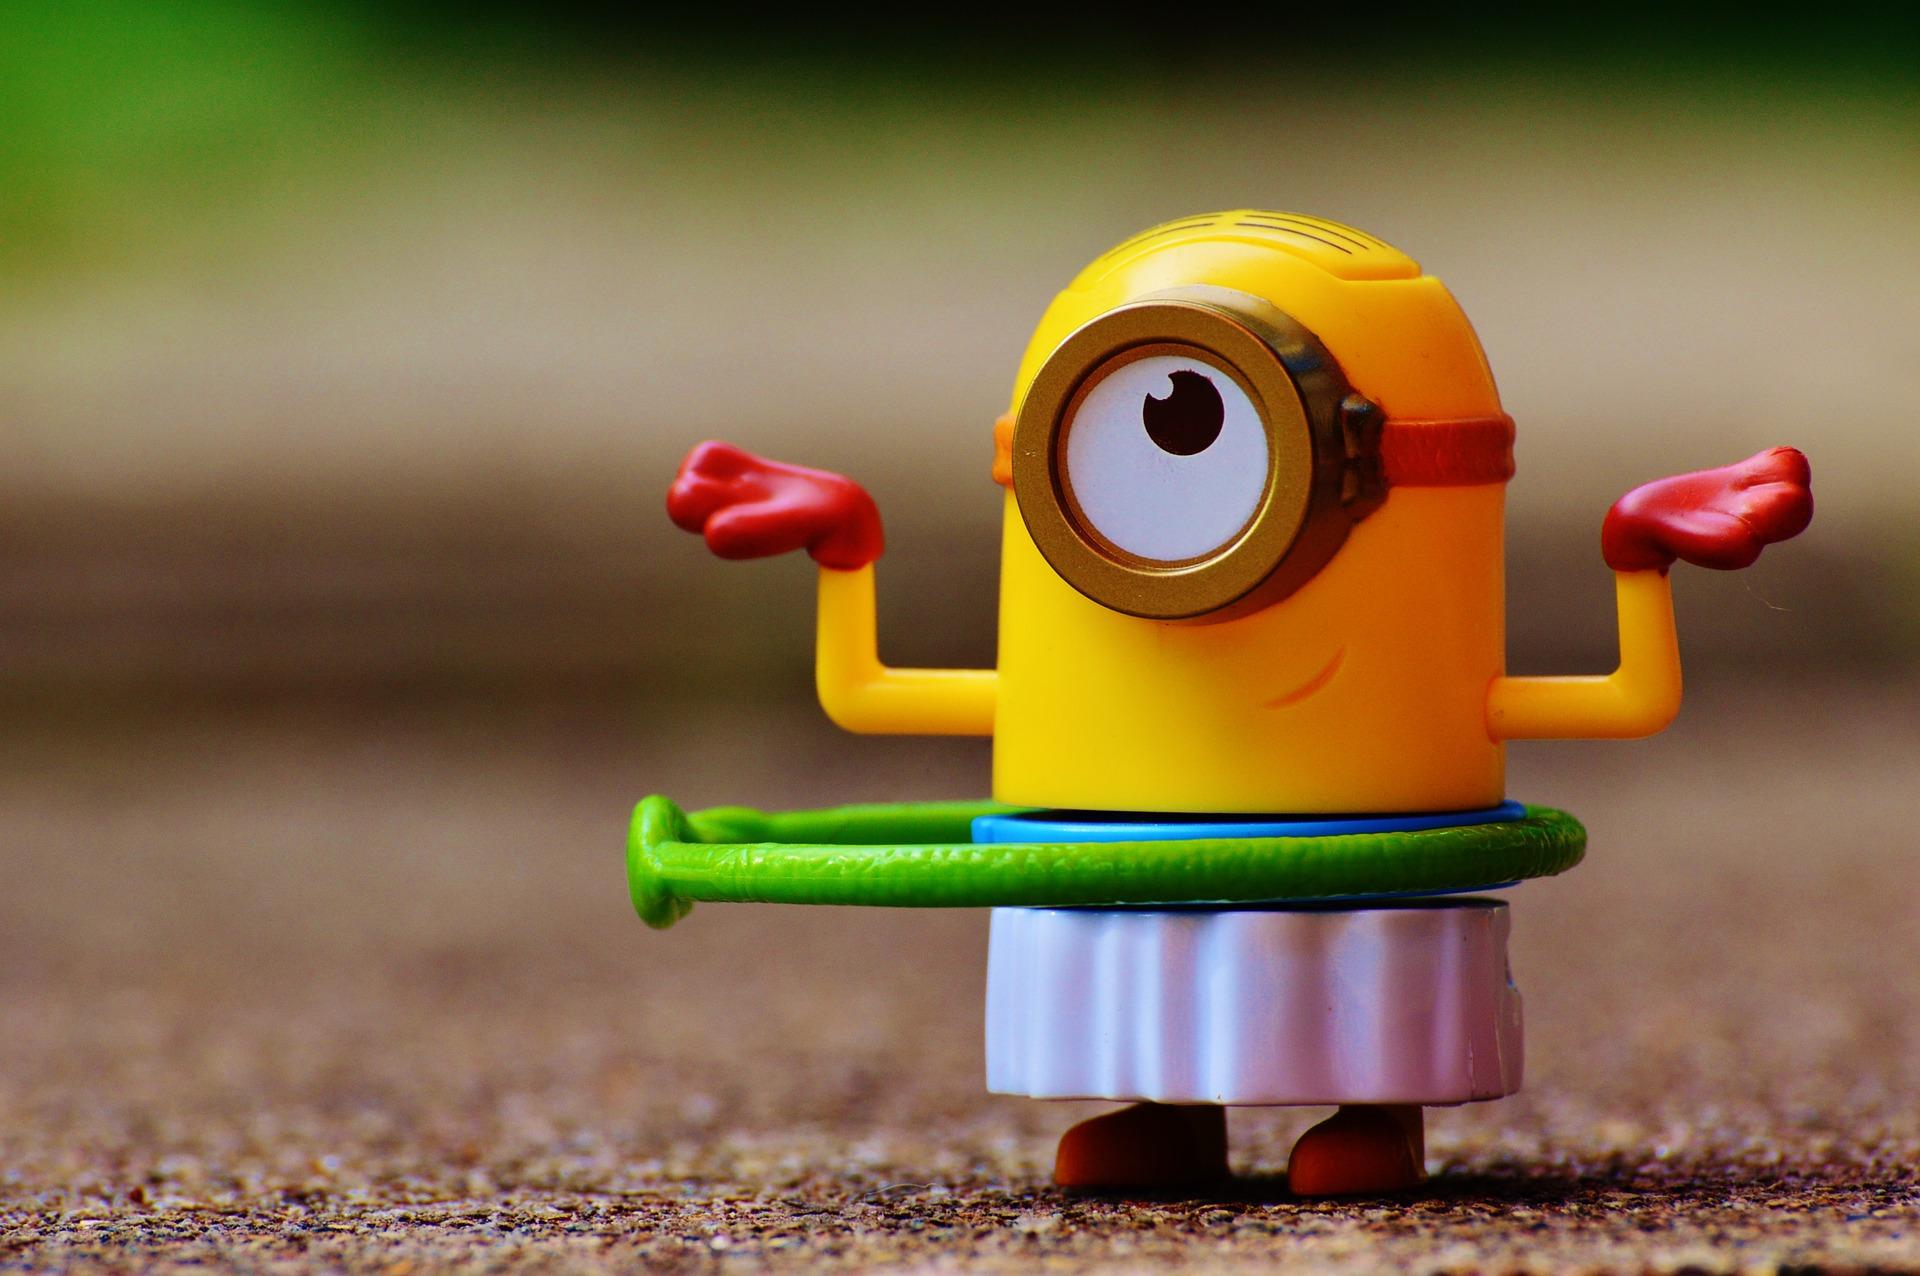 minion, aro, juguete, figura, ojo - Fondos de Pantalla HD - professor-falken.com